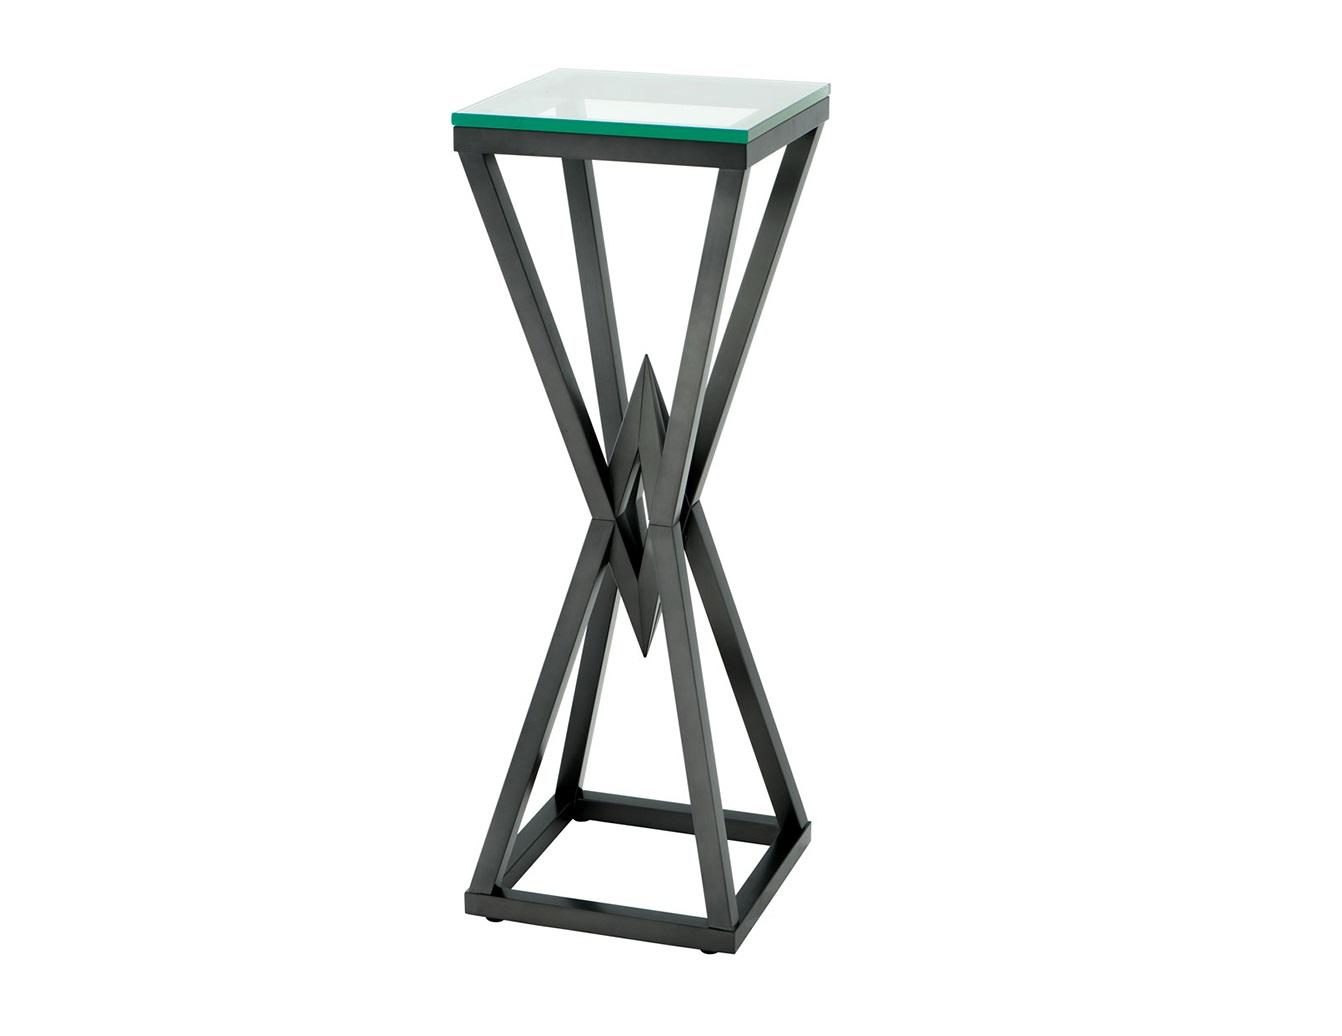 КолоннаПьедесталы<br>Колонна Column Connor на металлическом основании бронзового цвета. Столешница выполнена из плотного прозрачного стекла.<br><br>Material: Металл<br>Ширина см: 35<br>Высота см: 100<br>Глубина см: 35